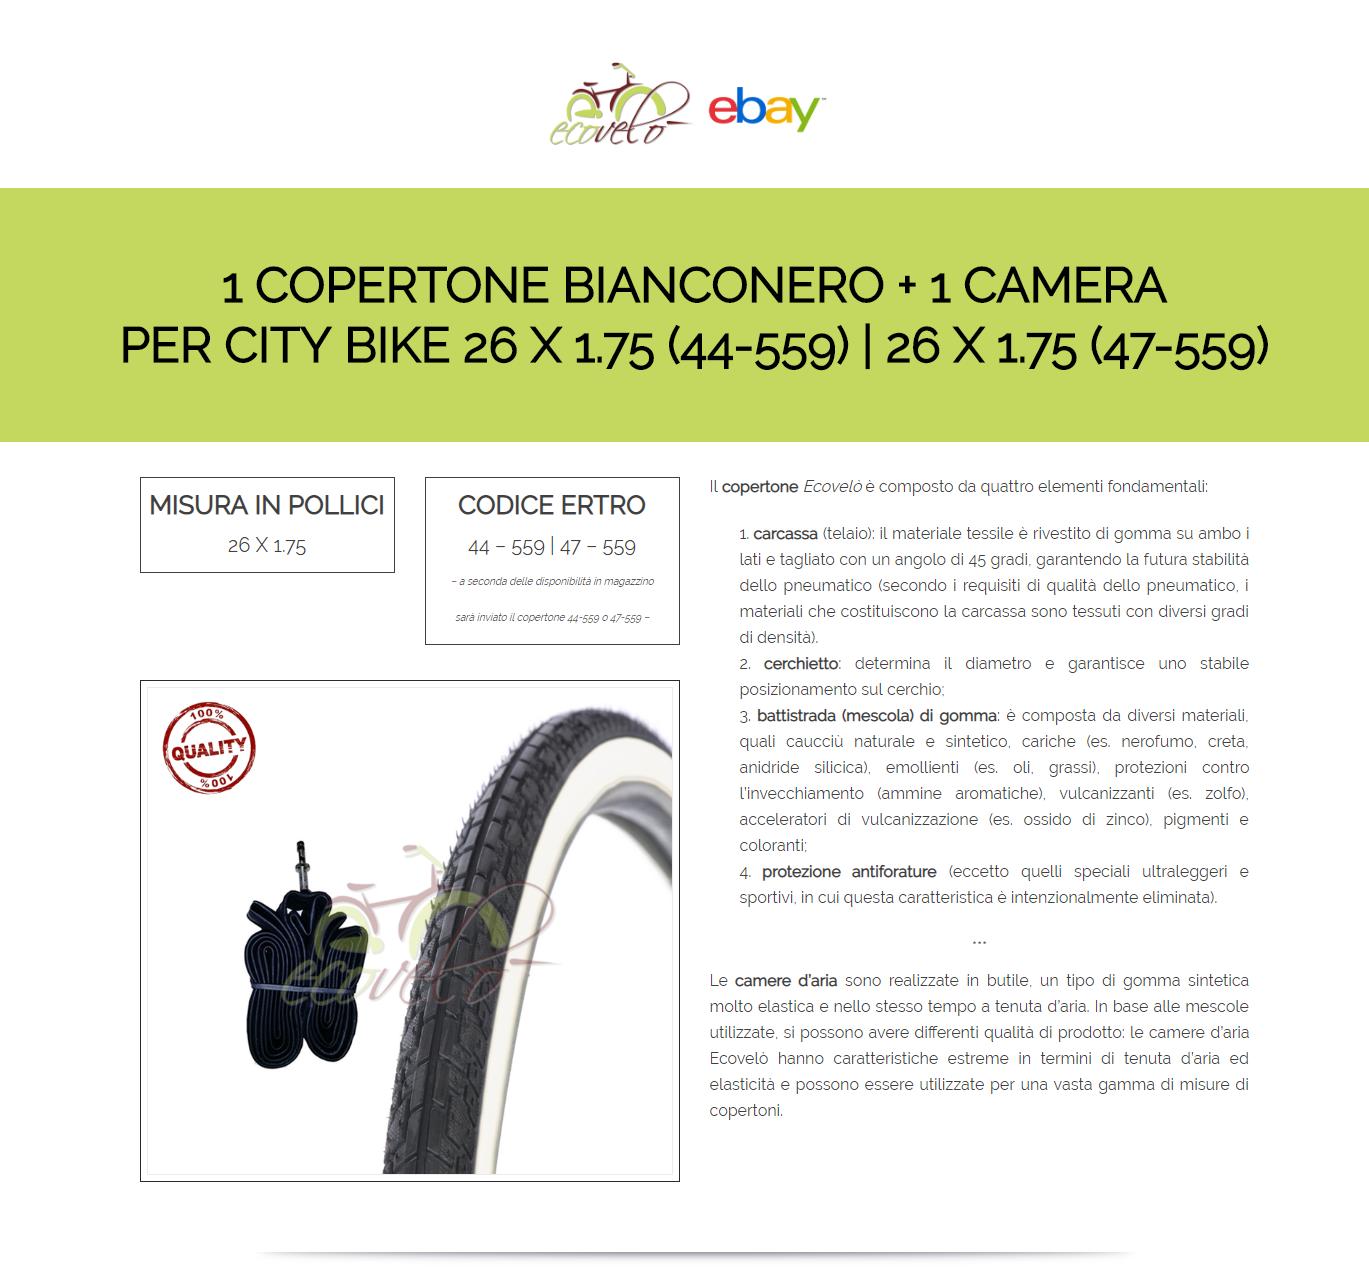 44-559 CAMERA CITY BIKE BICICLETTA 26 X 1.75 COPERTONE BIANCONERO BICI